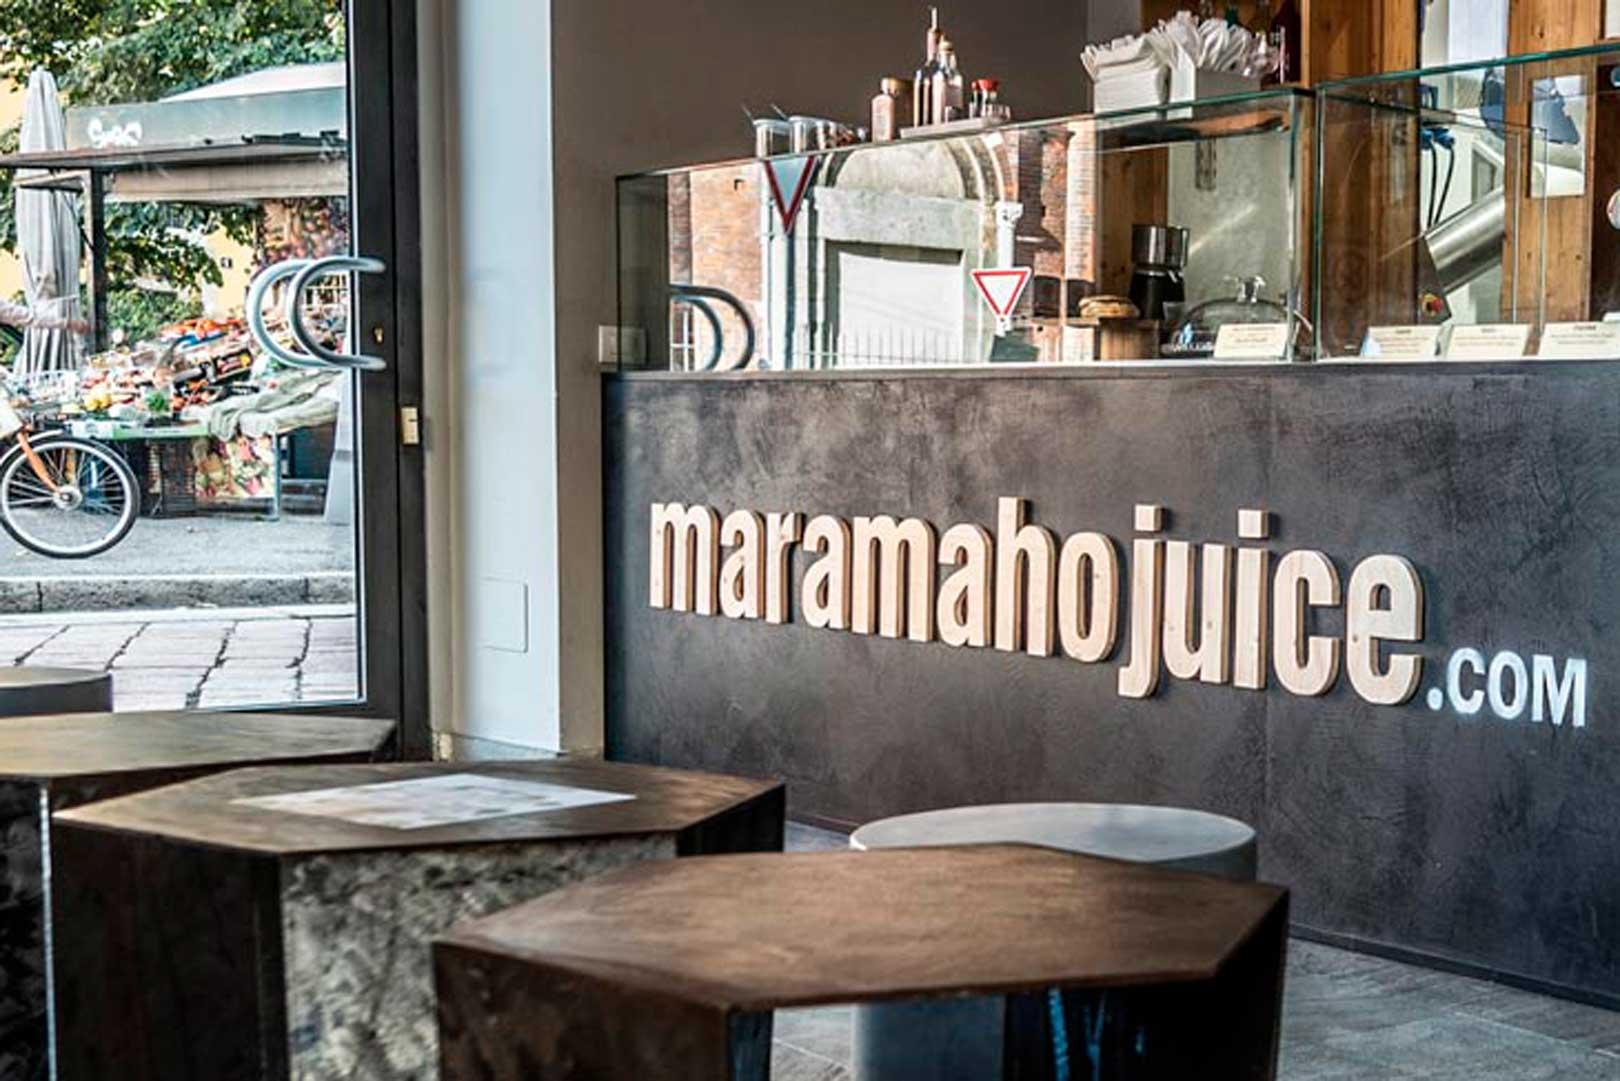 Centrifuga a Milano: dove bere le migliori